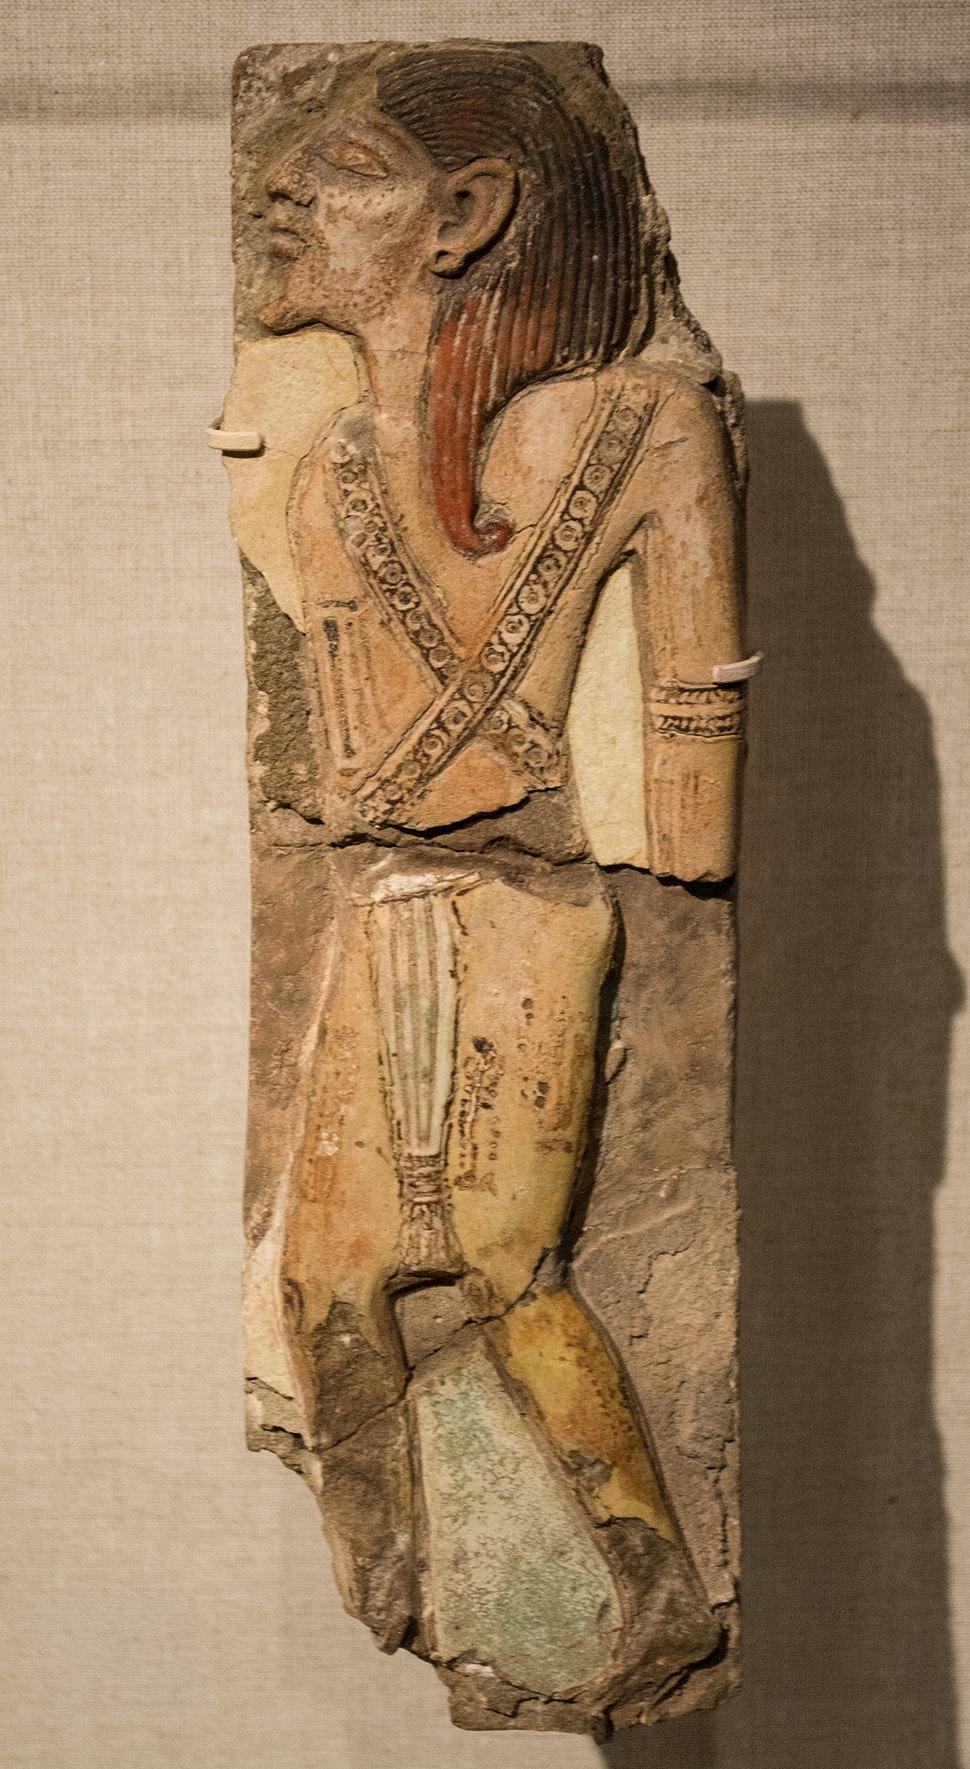 Ramesses III faience tile - Libyan chief